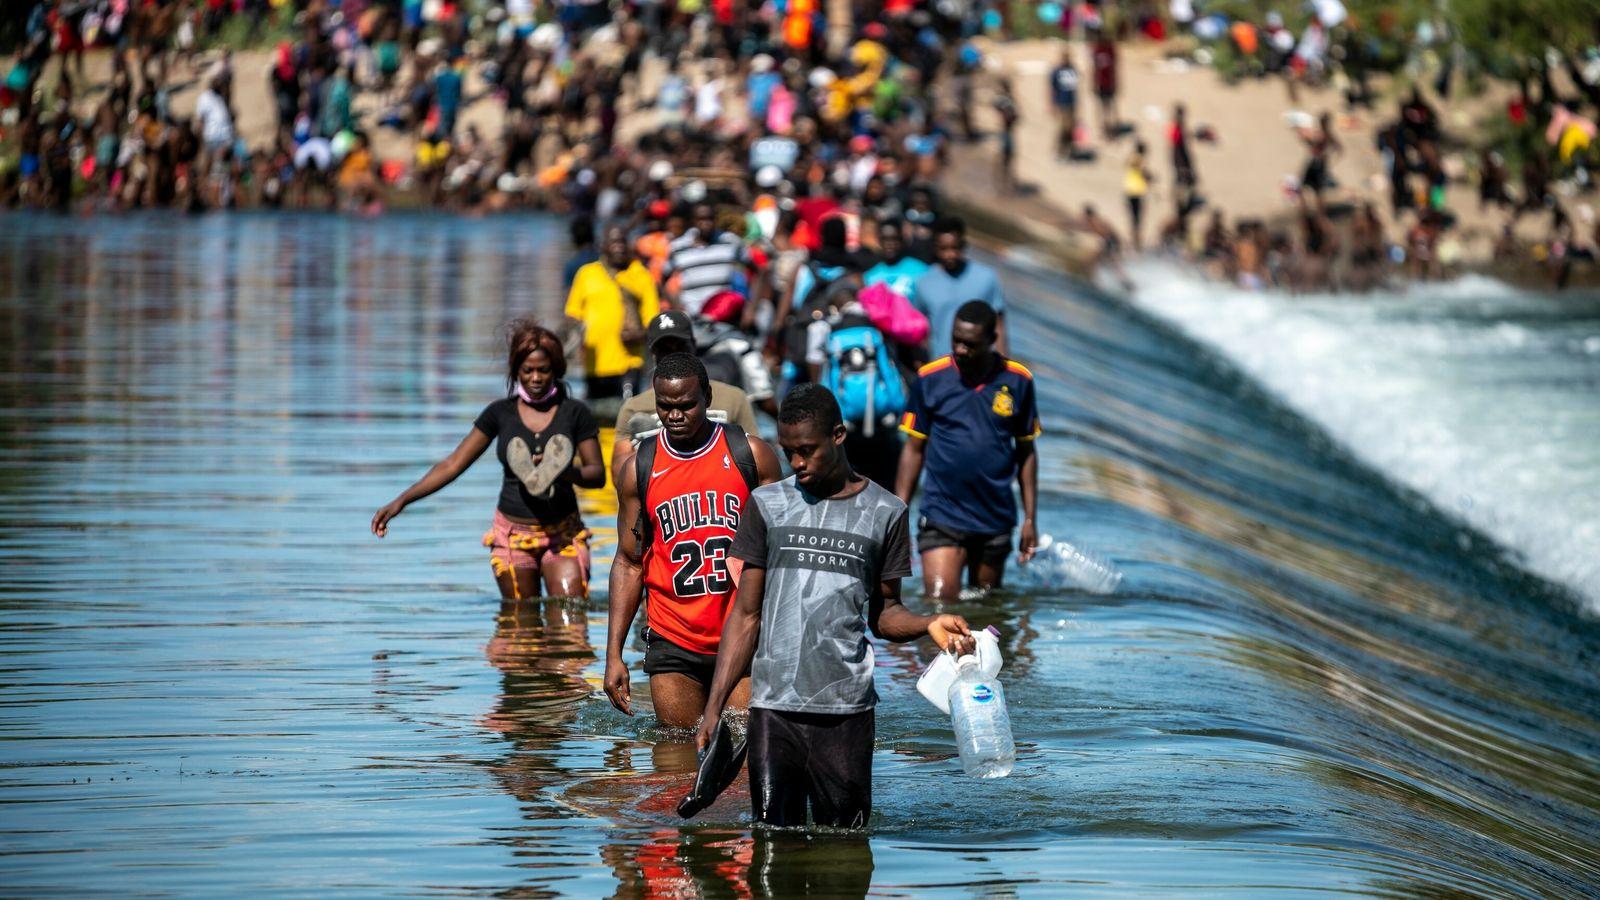 Migrants pour into Del Rio border area